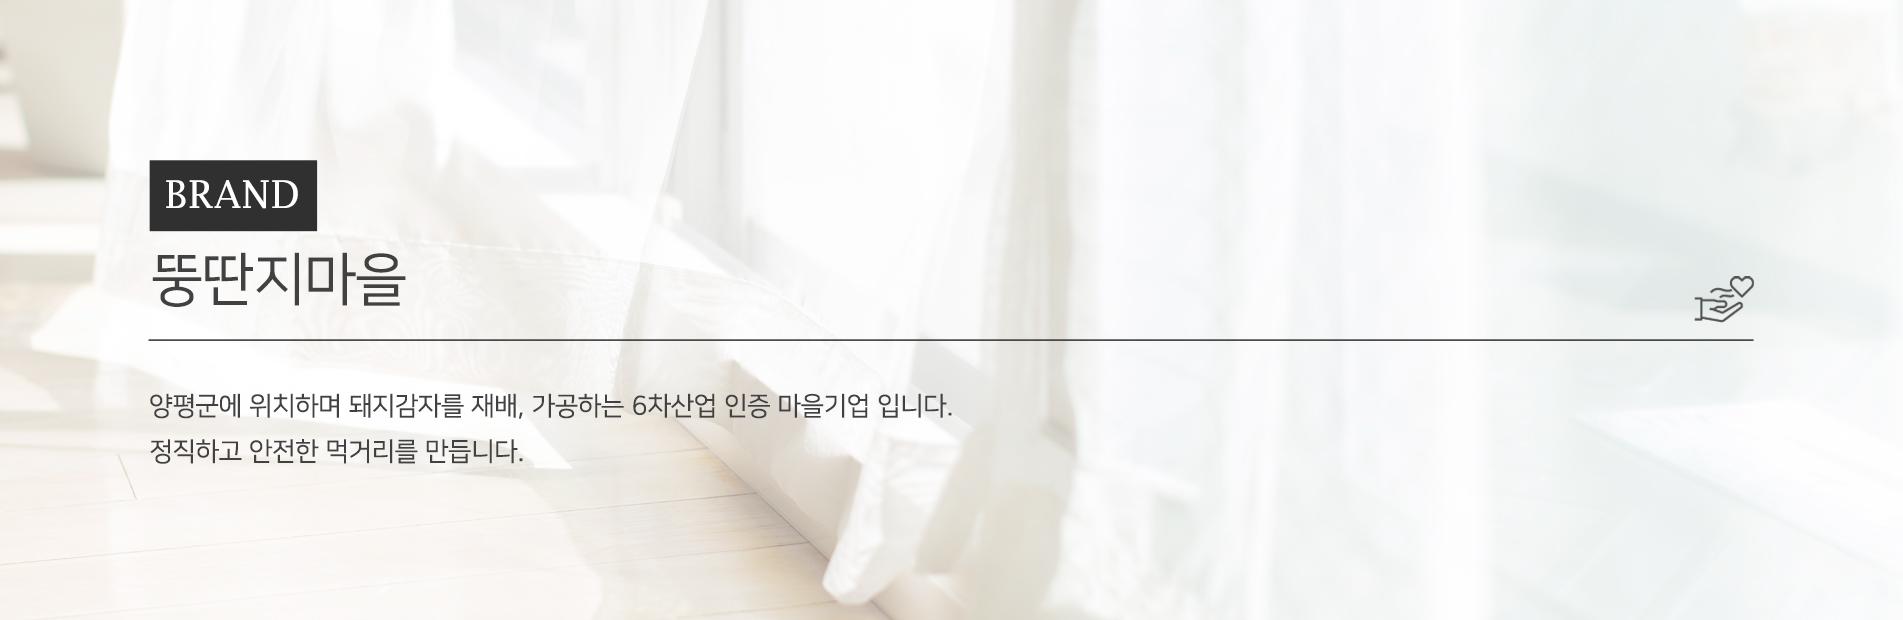 30밀리스토어 소셜가 뚱딴지마을 브랜드 소개